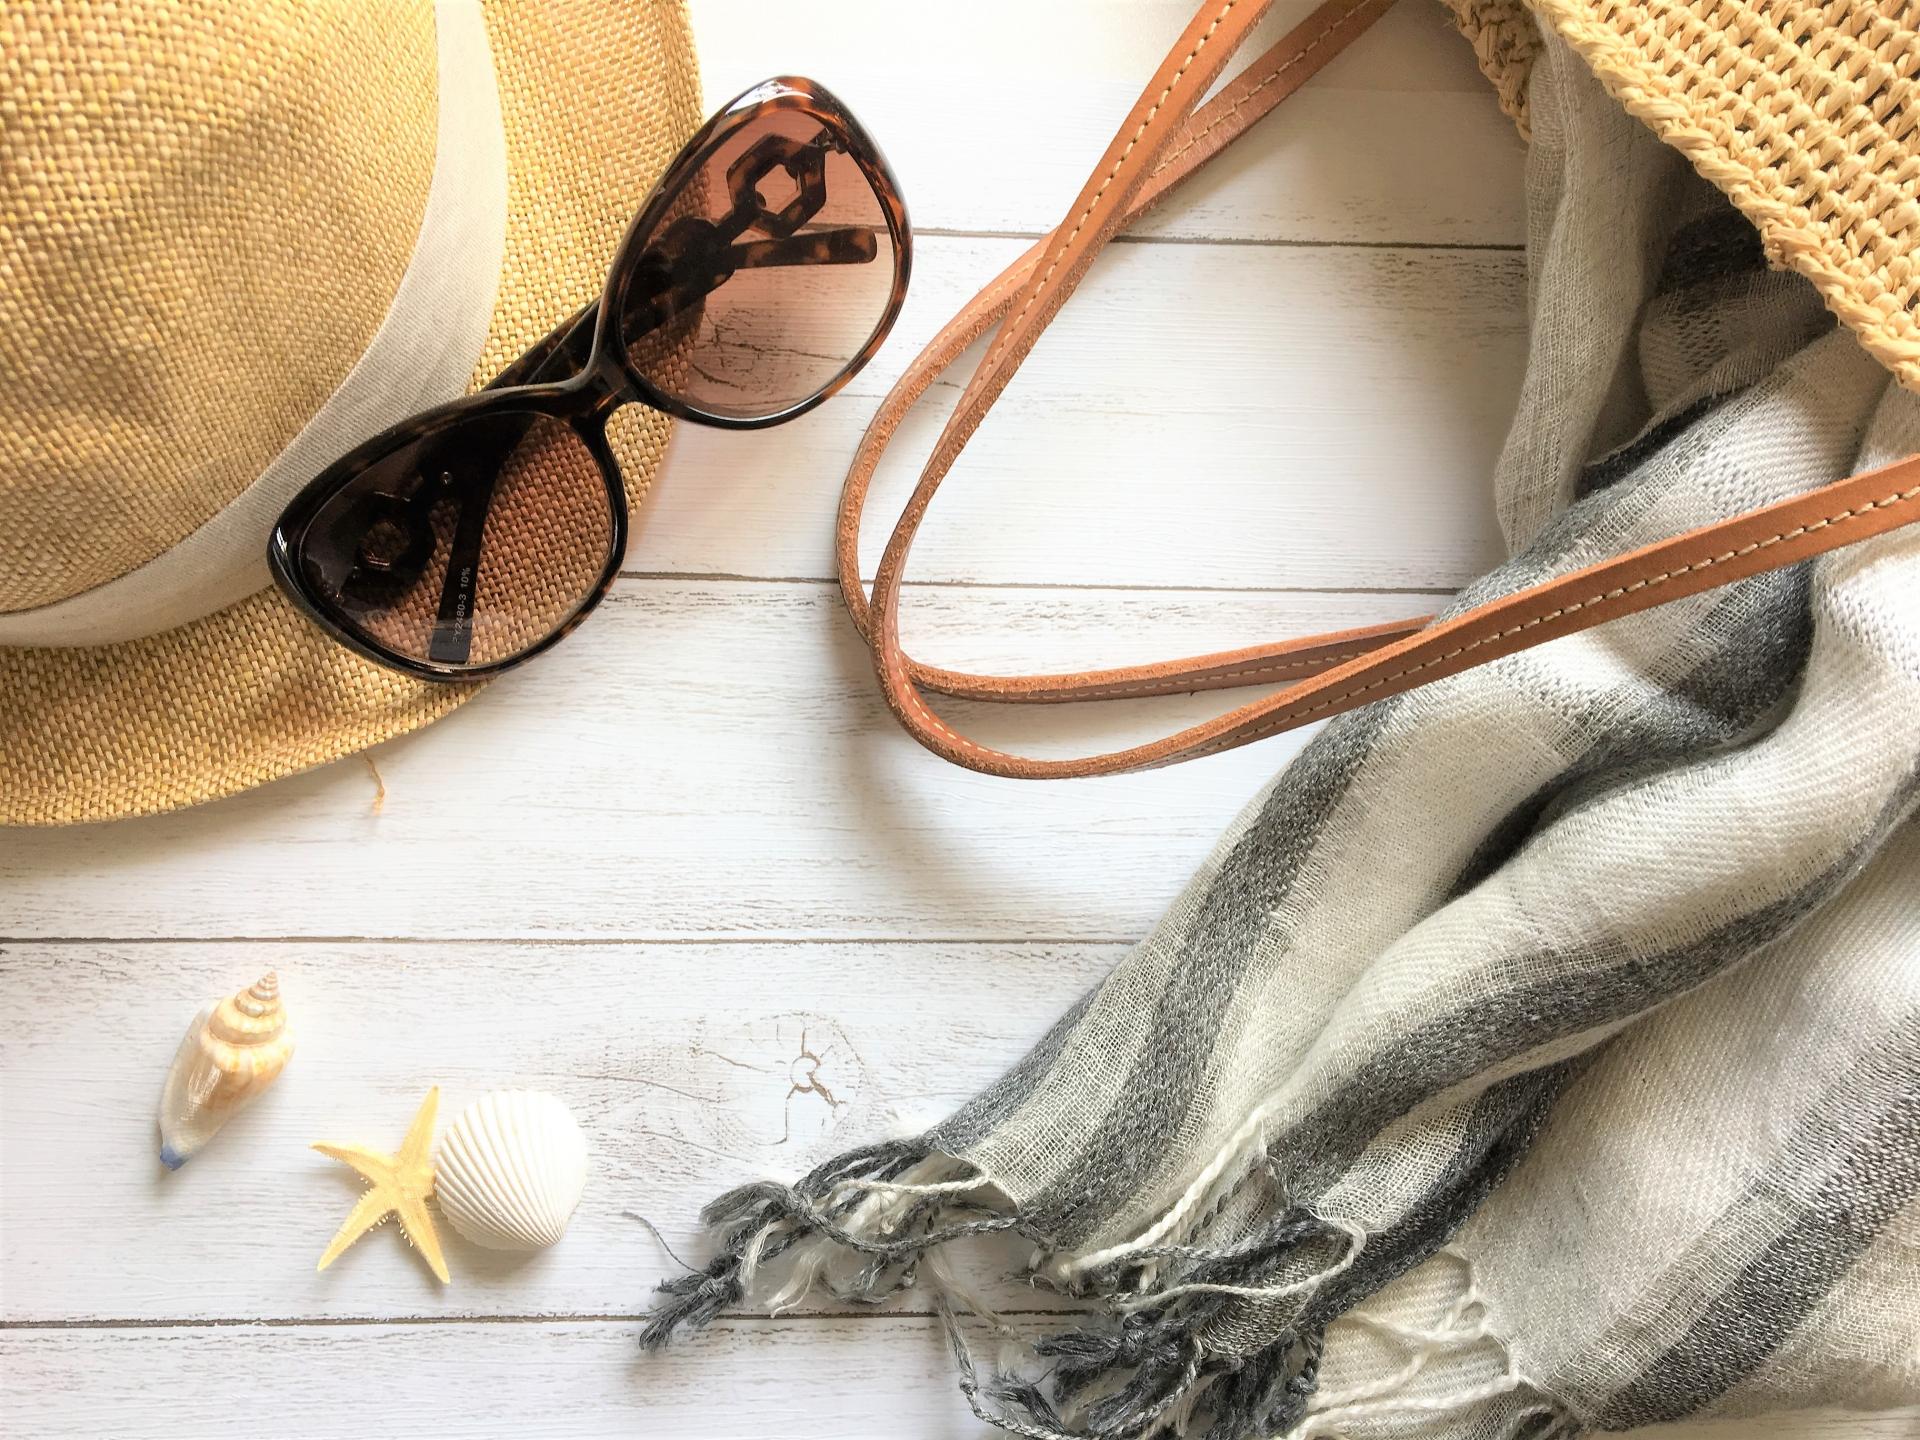 UVカットマフラーのおすすめ3選&選び方【日焼け対策に】